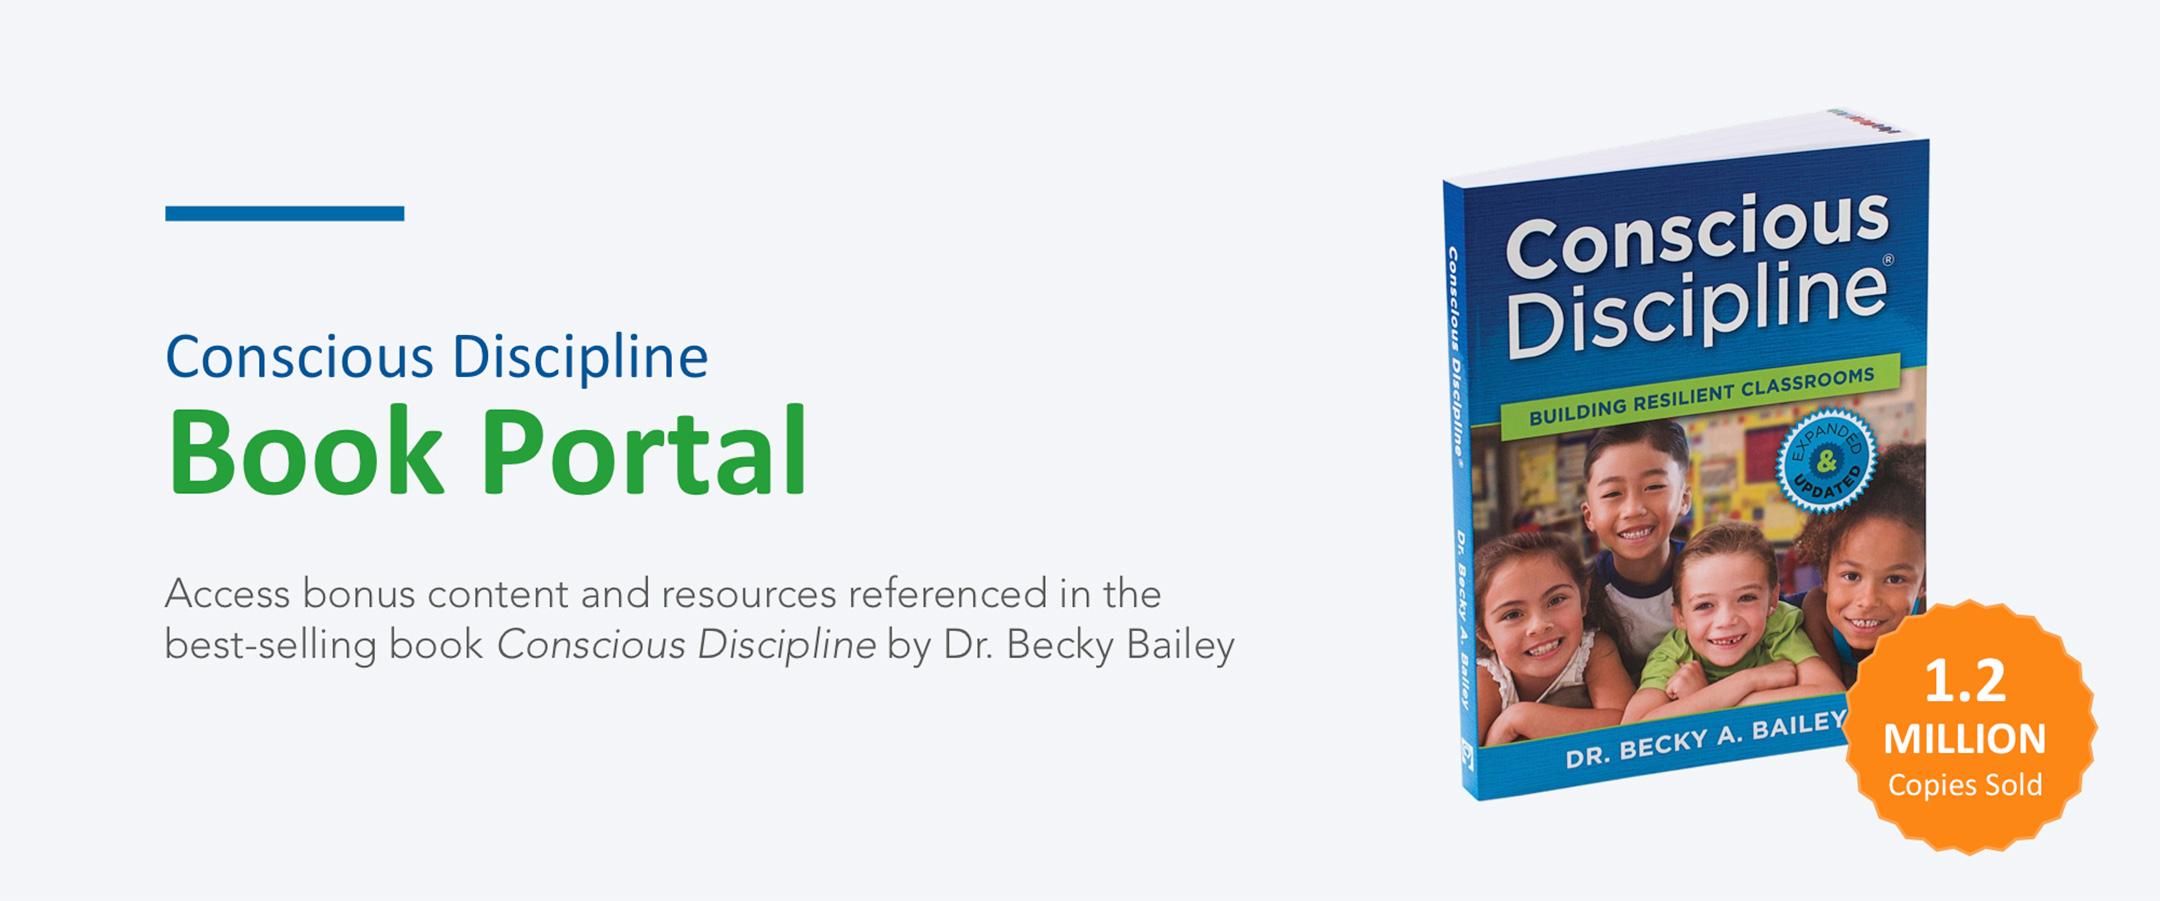 Conscious Discipline Book Portal